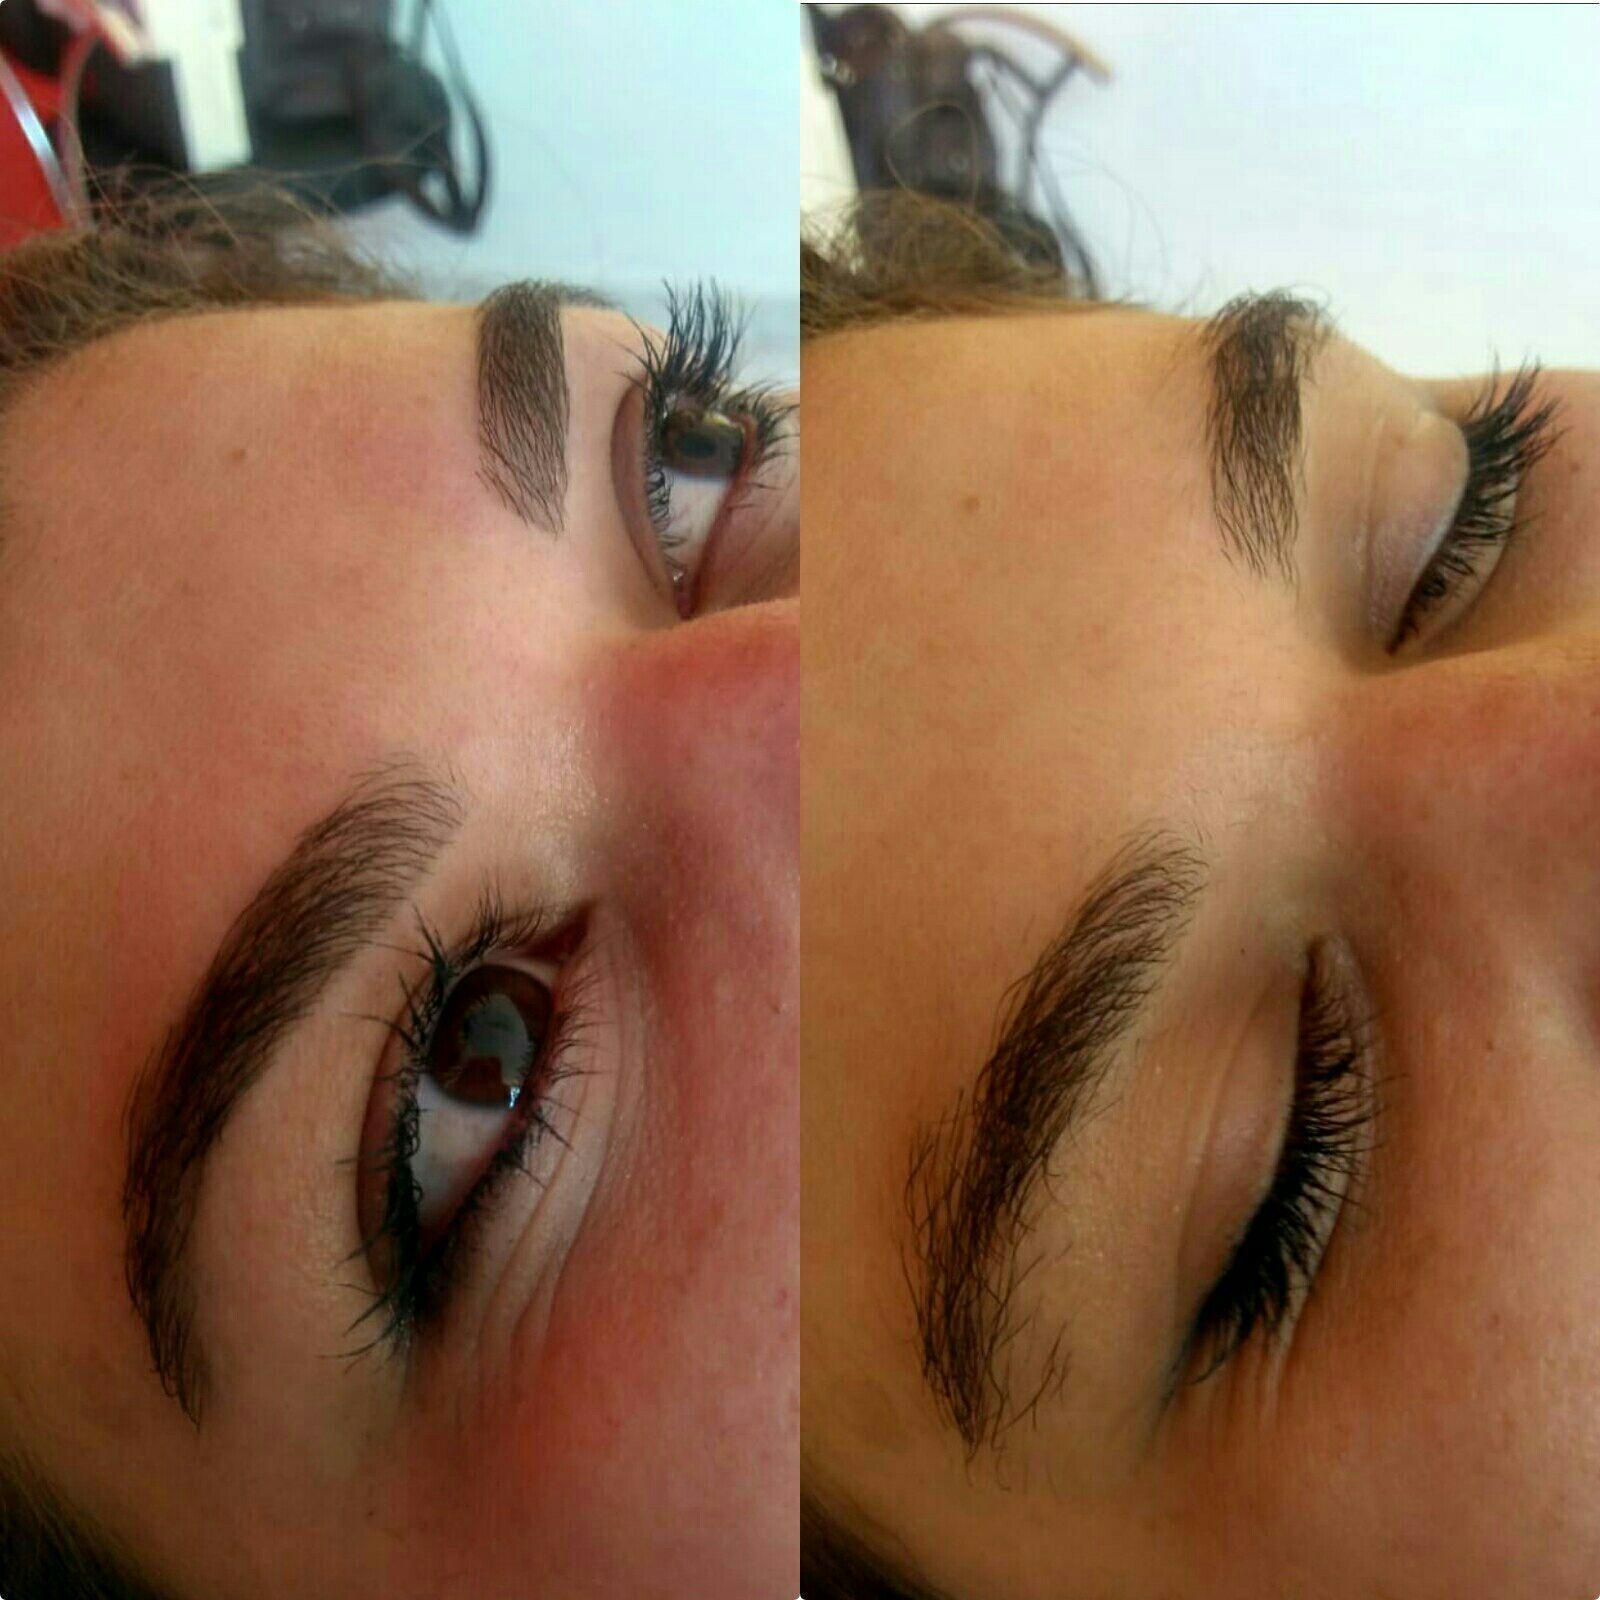 Design sem henna outros esteticista auxiliar cabeleireiro(a) designer de sobrancelhas assistente esteticista assistente esteticista